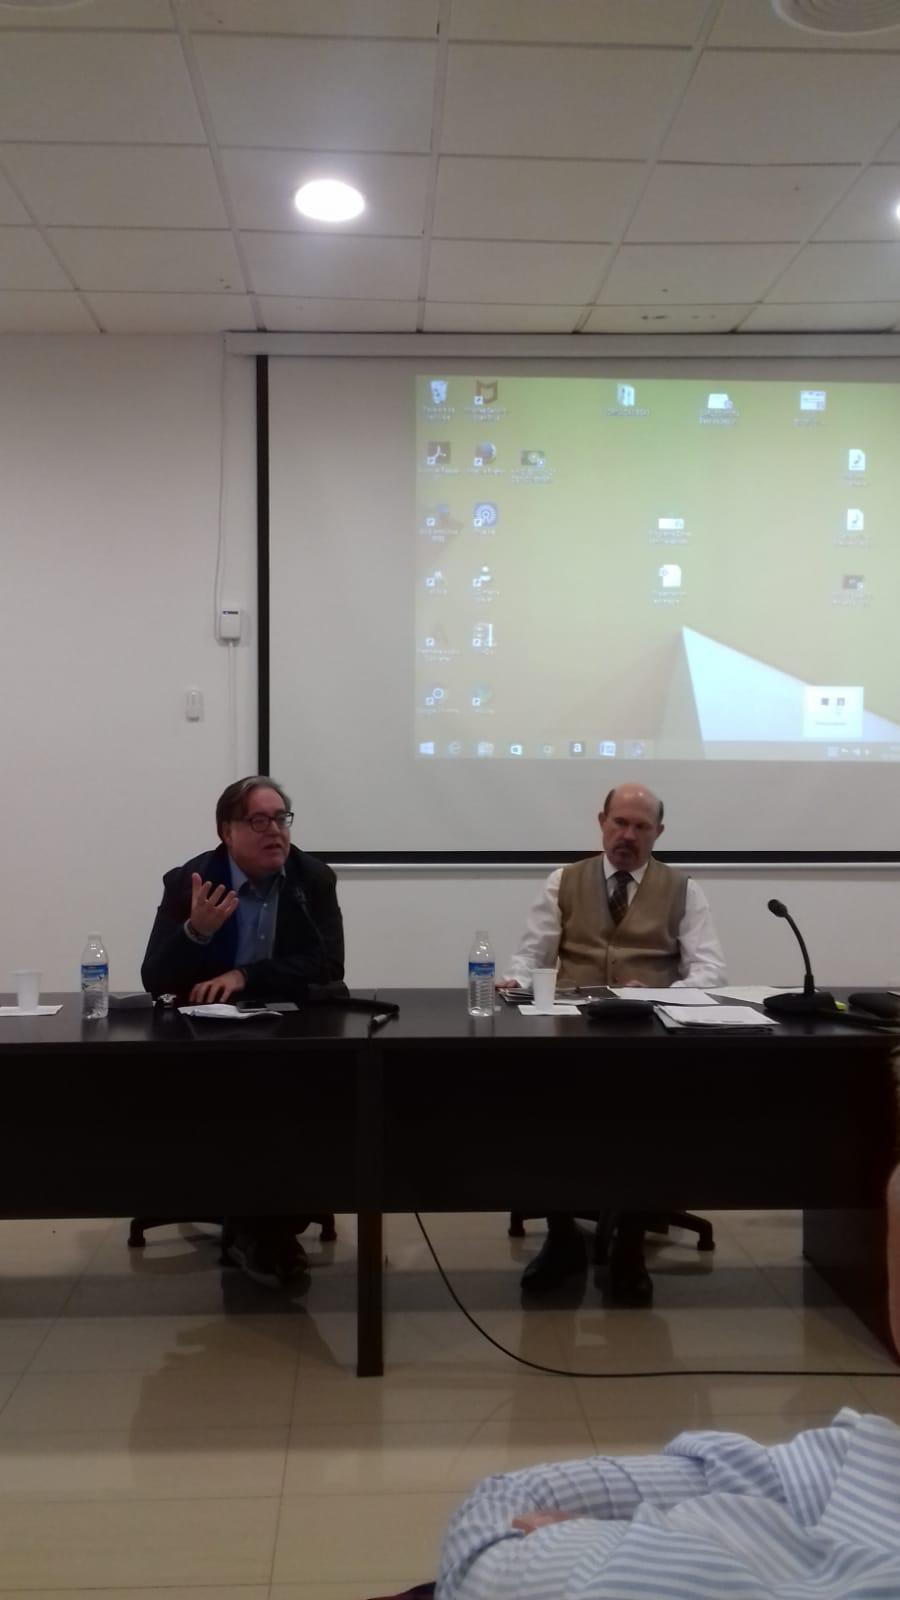 Cristóbal Fábrega en las Jornadas sobre Migraciones, razones humanitarias y fronteras: contextos y regulaciones en España en Beas de Segura